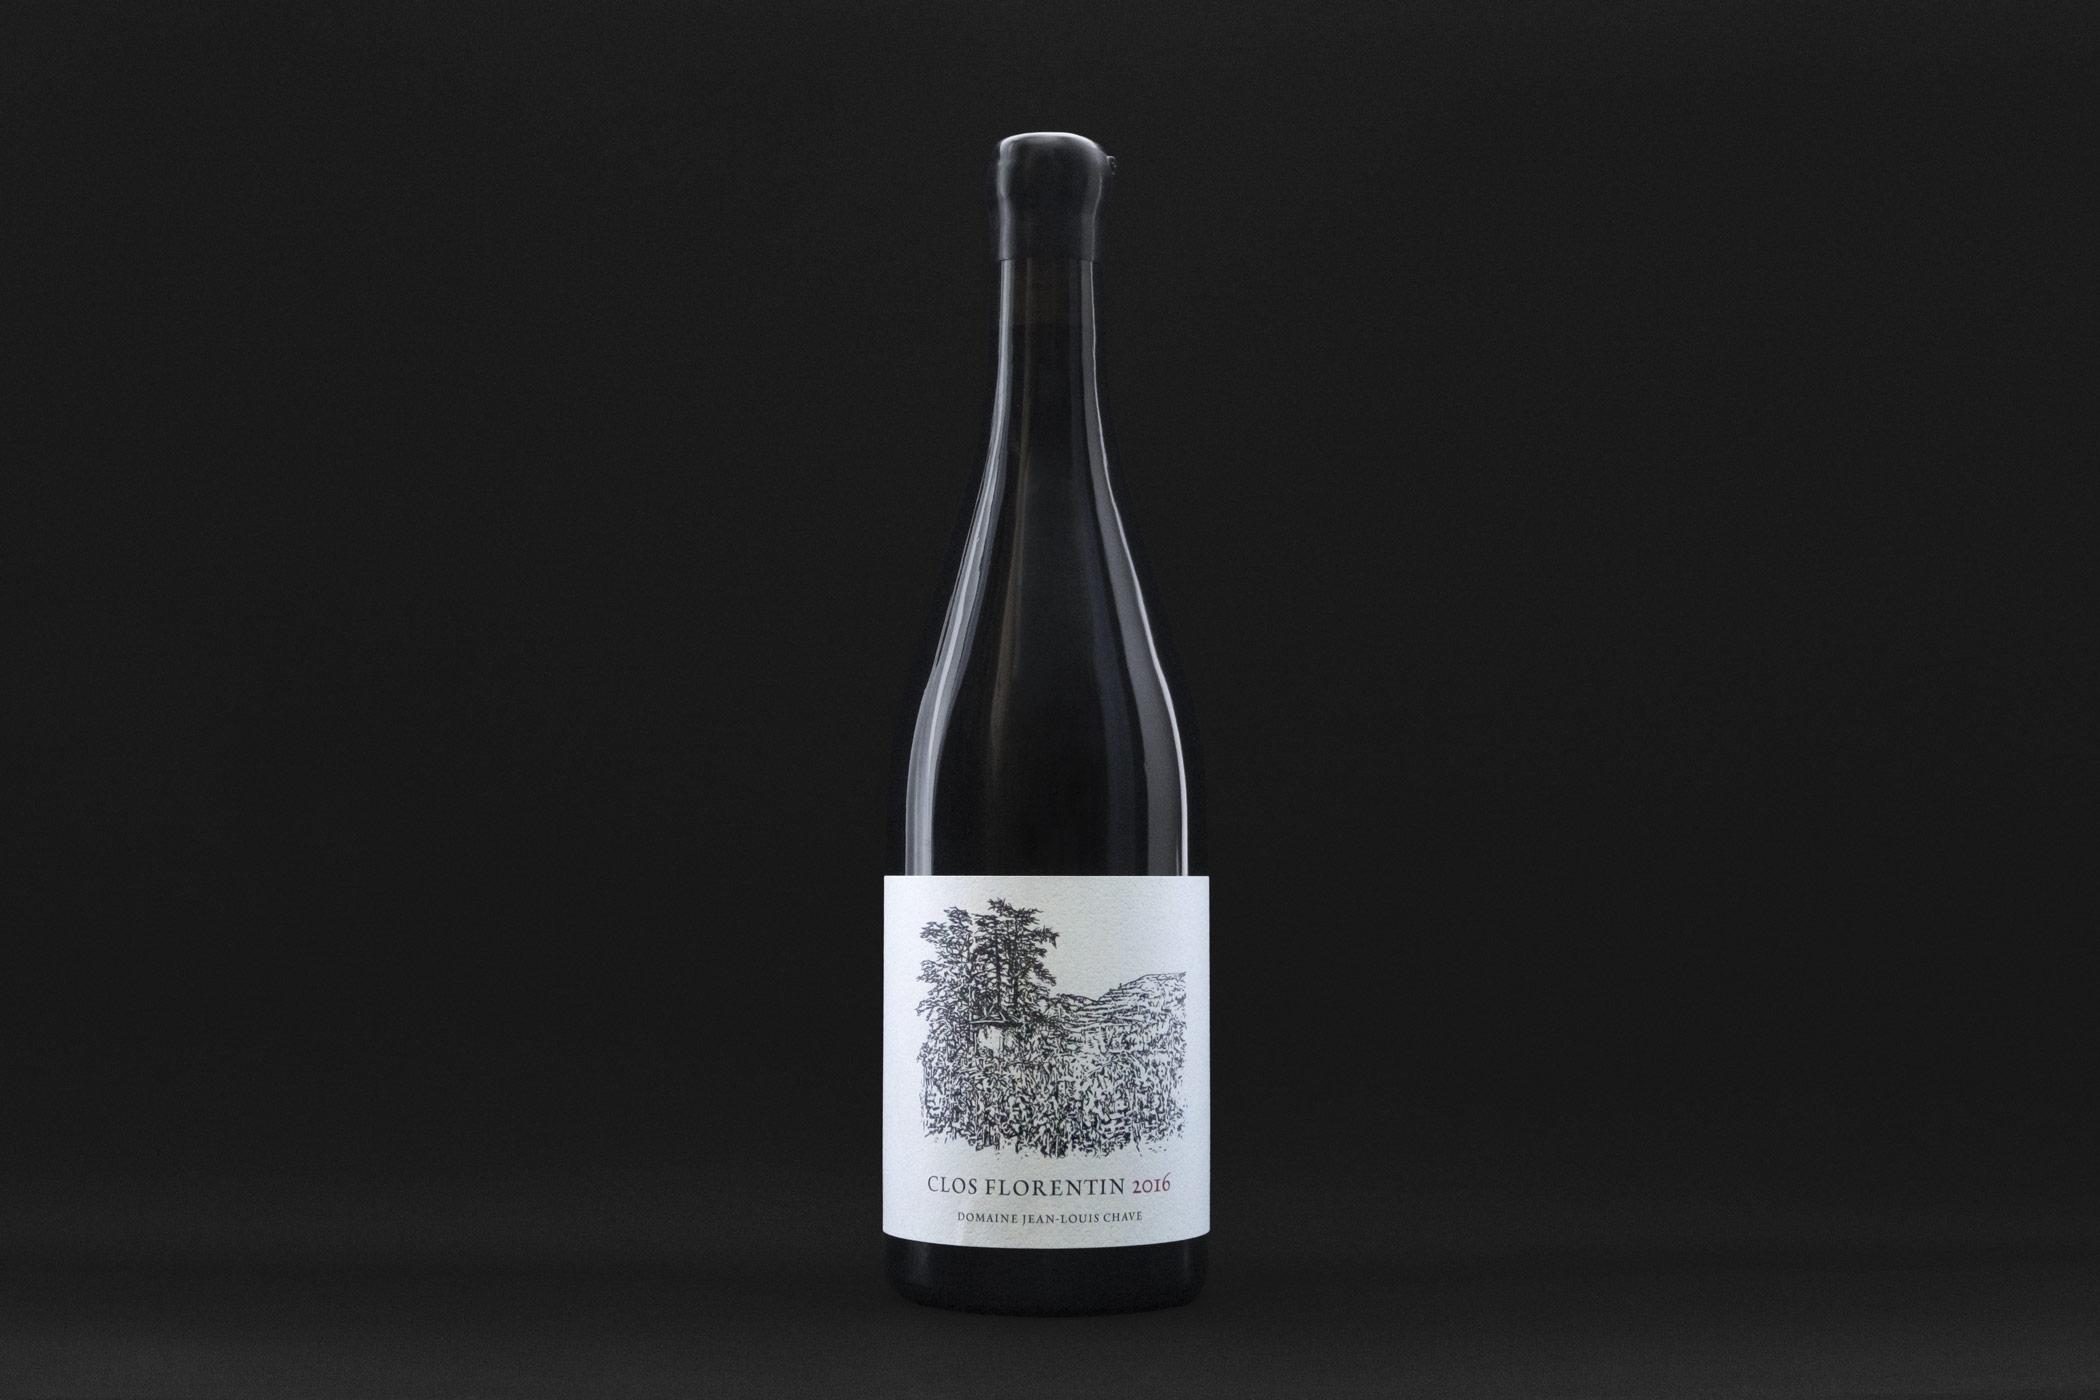 Clos Florentin 2016 Weinflasche der Domaine Jean-Louis Chave mit einem Holzschnitt von Christian Thanhäuser auf dem Etikette